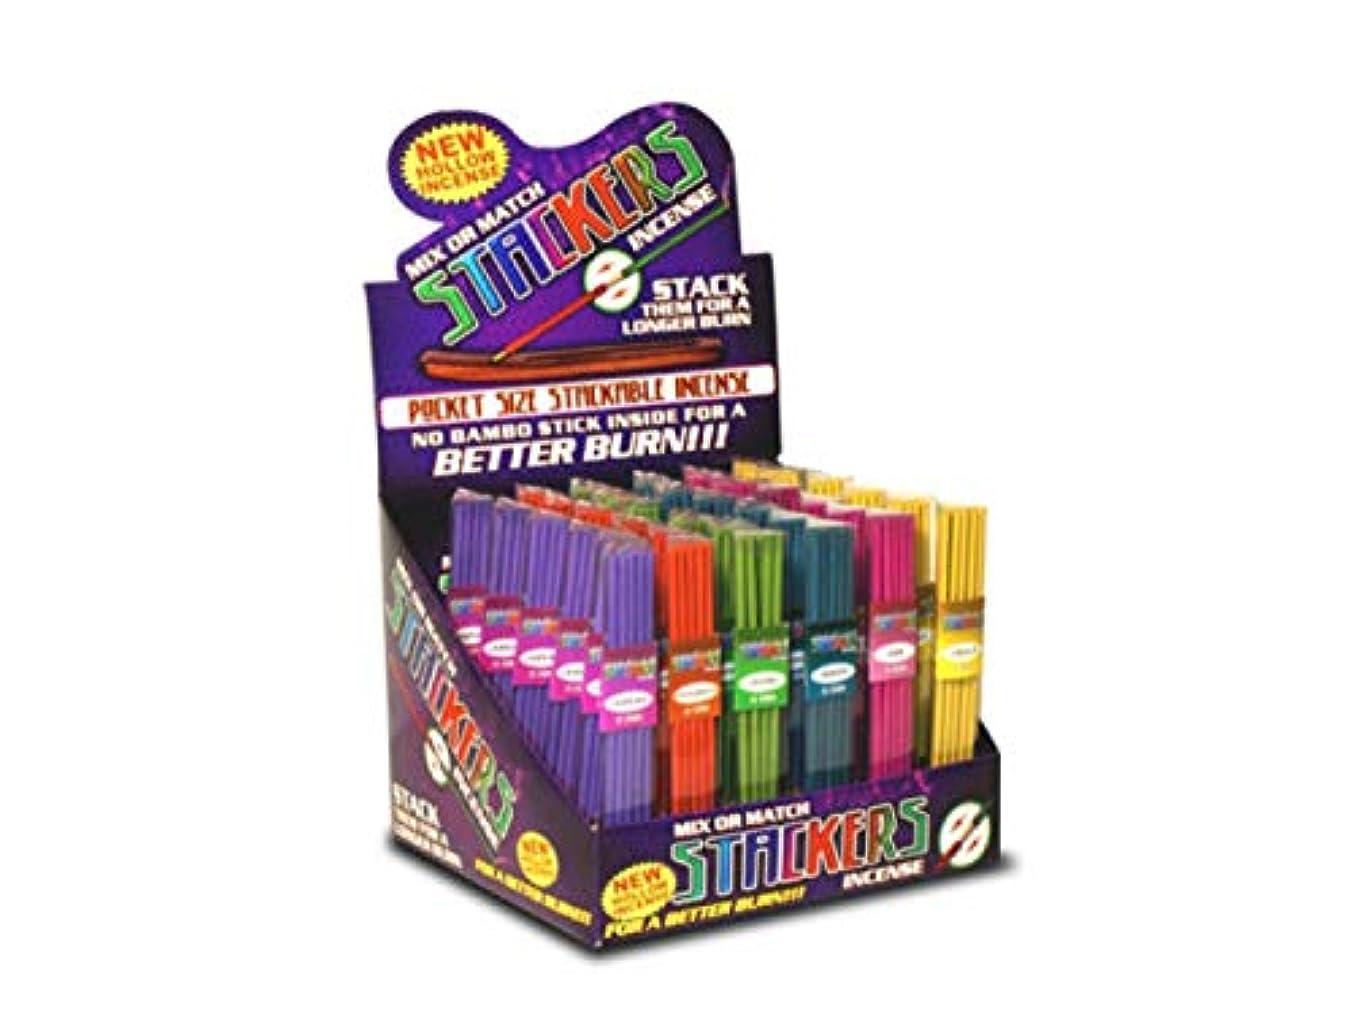 効果的にさわやかメロドラマbulk buys Stackers Mix Or Match 多様なお香カウンタートップディスプレイ 36個セット